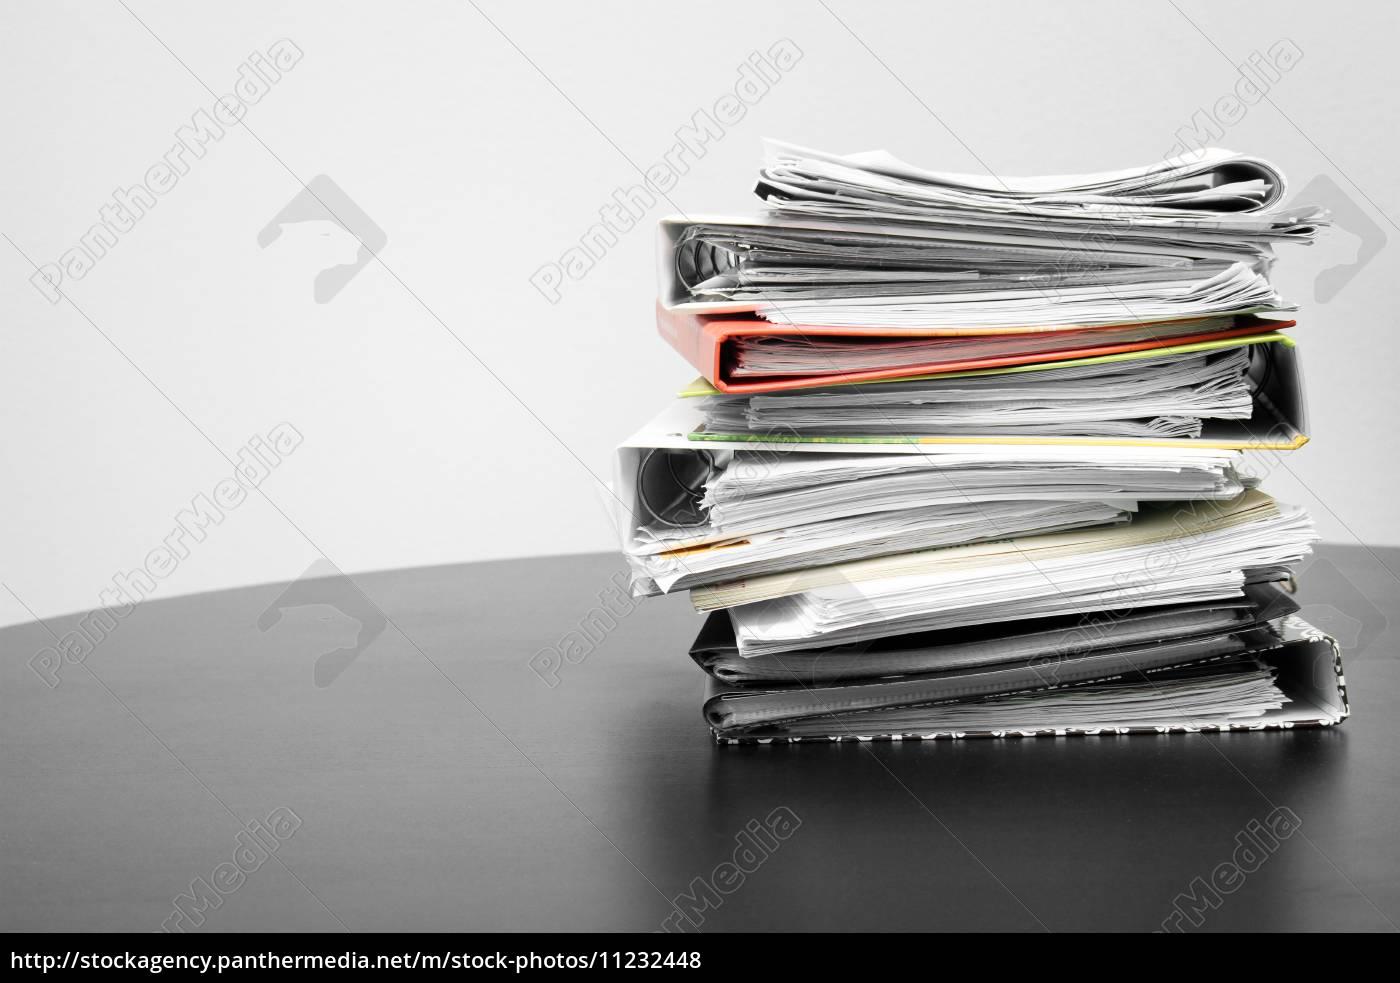 stapel, von, ordnern, und, dokumenten, auf - 11232448